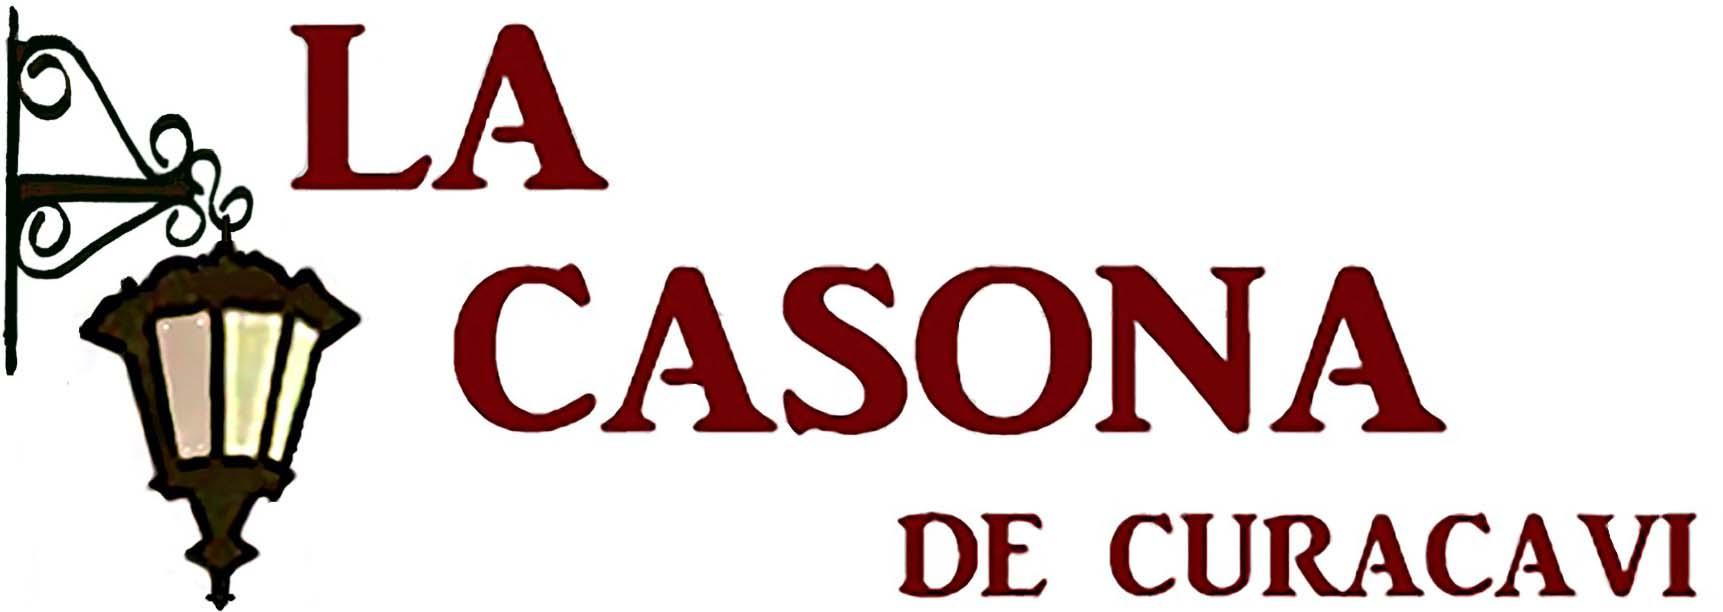 La Casona de Curacavi